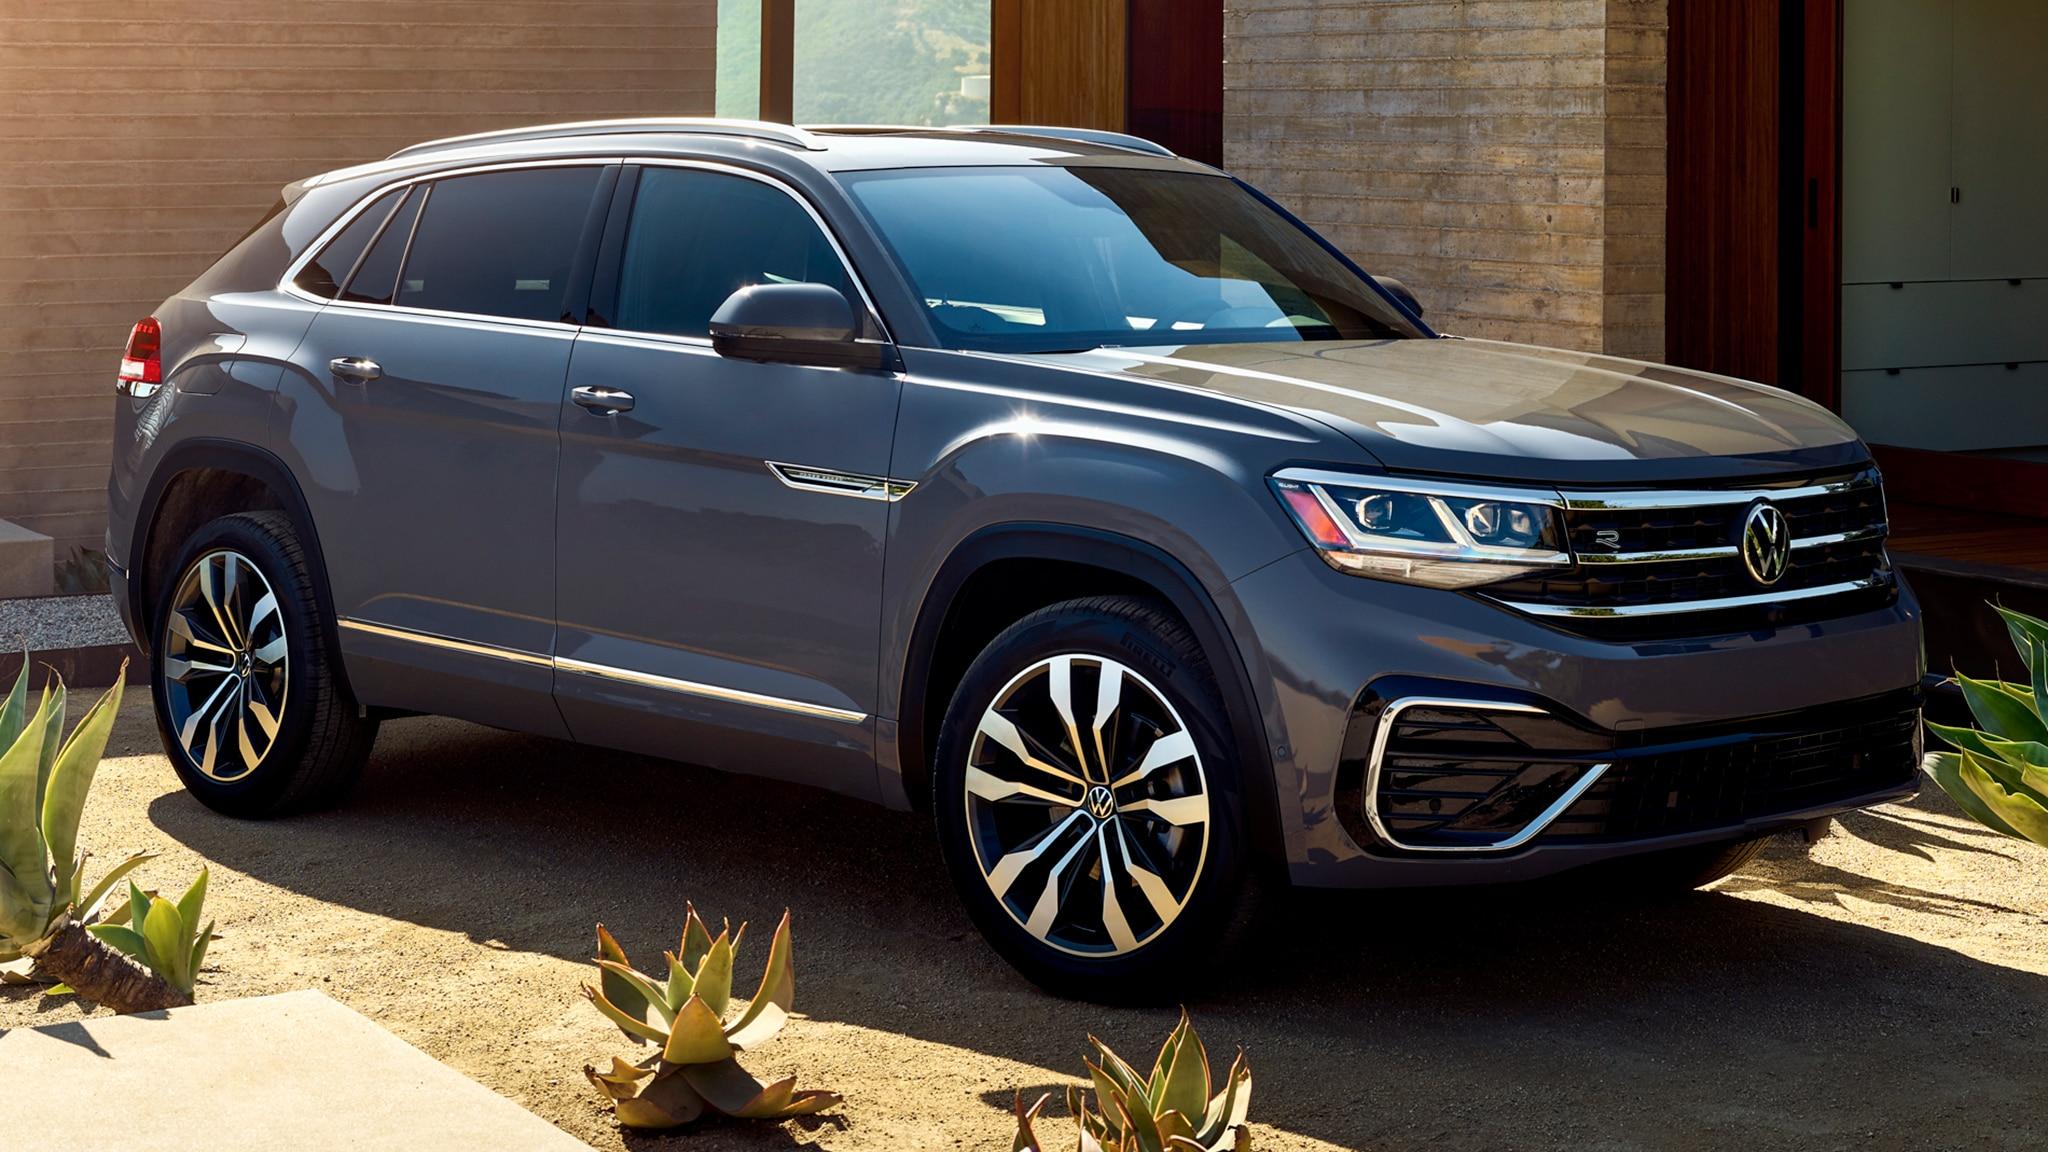 New Ford Bronco >> 2020 Volkswagen Atlas Cross Sport Specs + Photos: The ...